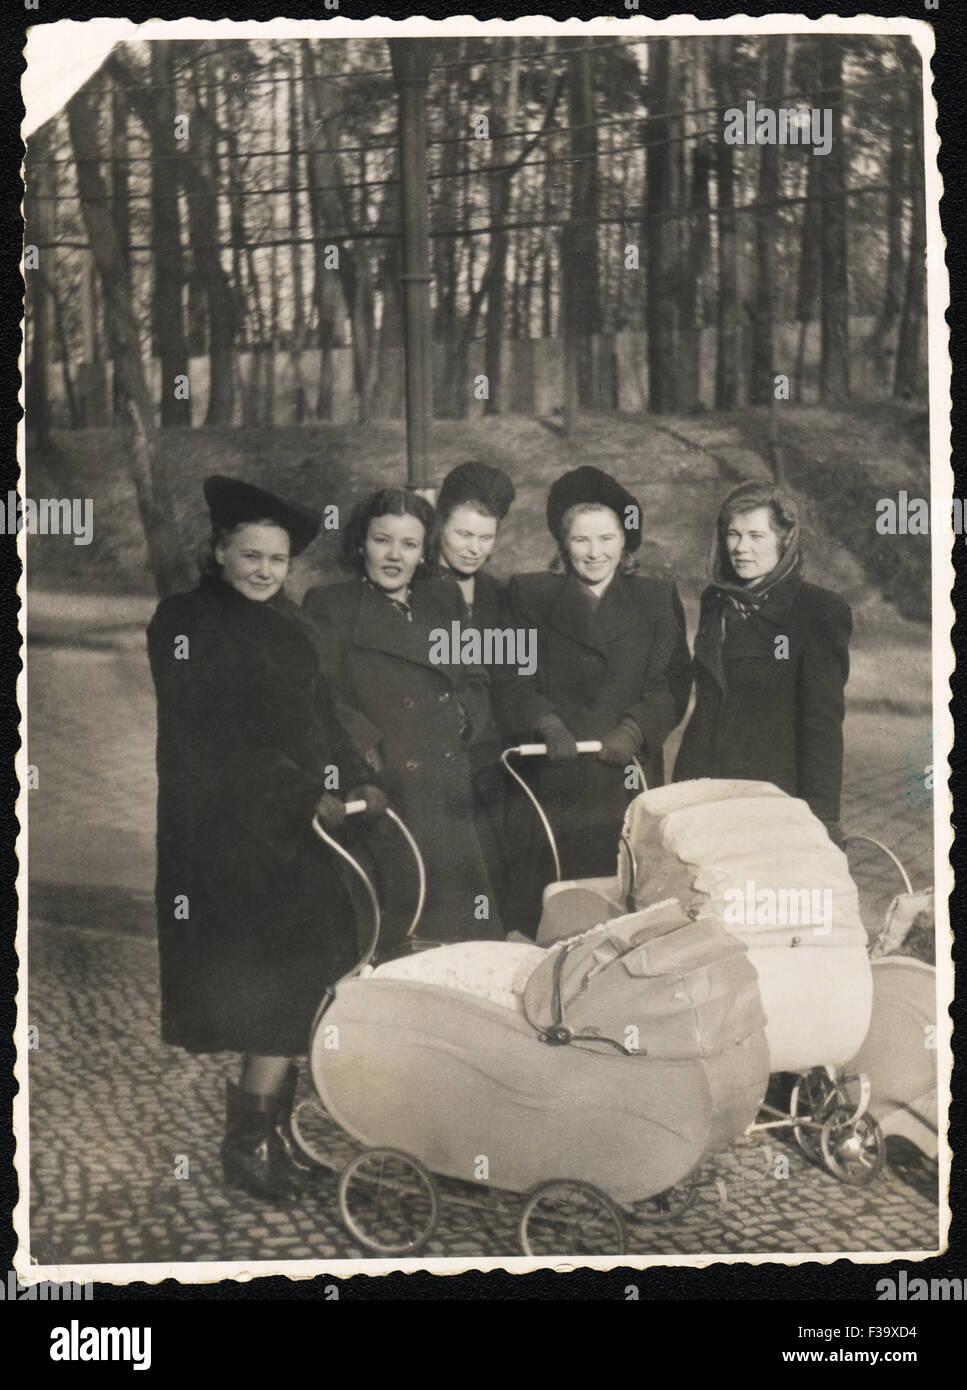 Les jeunes femmes russes avec les voitures d'intervenir à l'automne parc. Photo rétro 1948 Allemagne Photo Stock